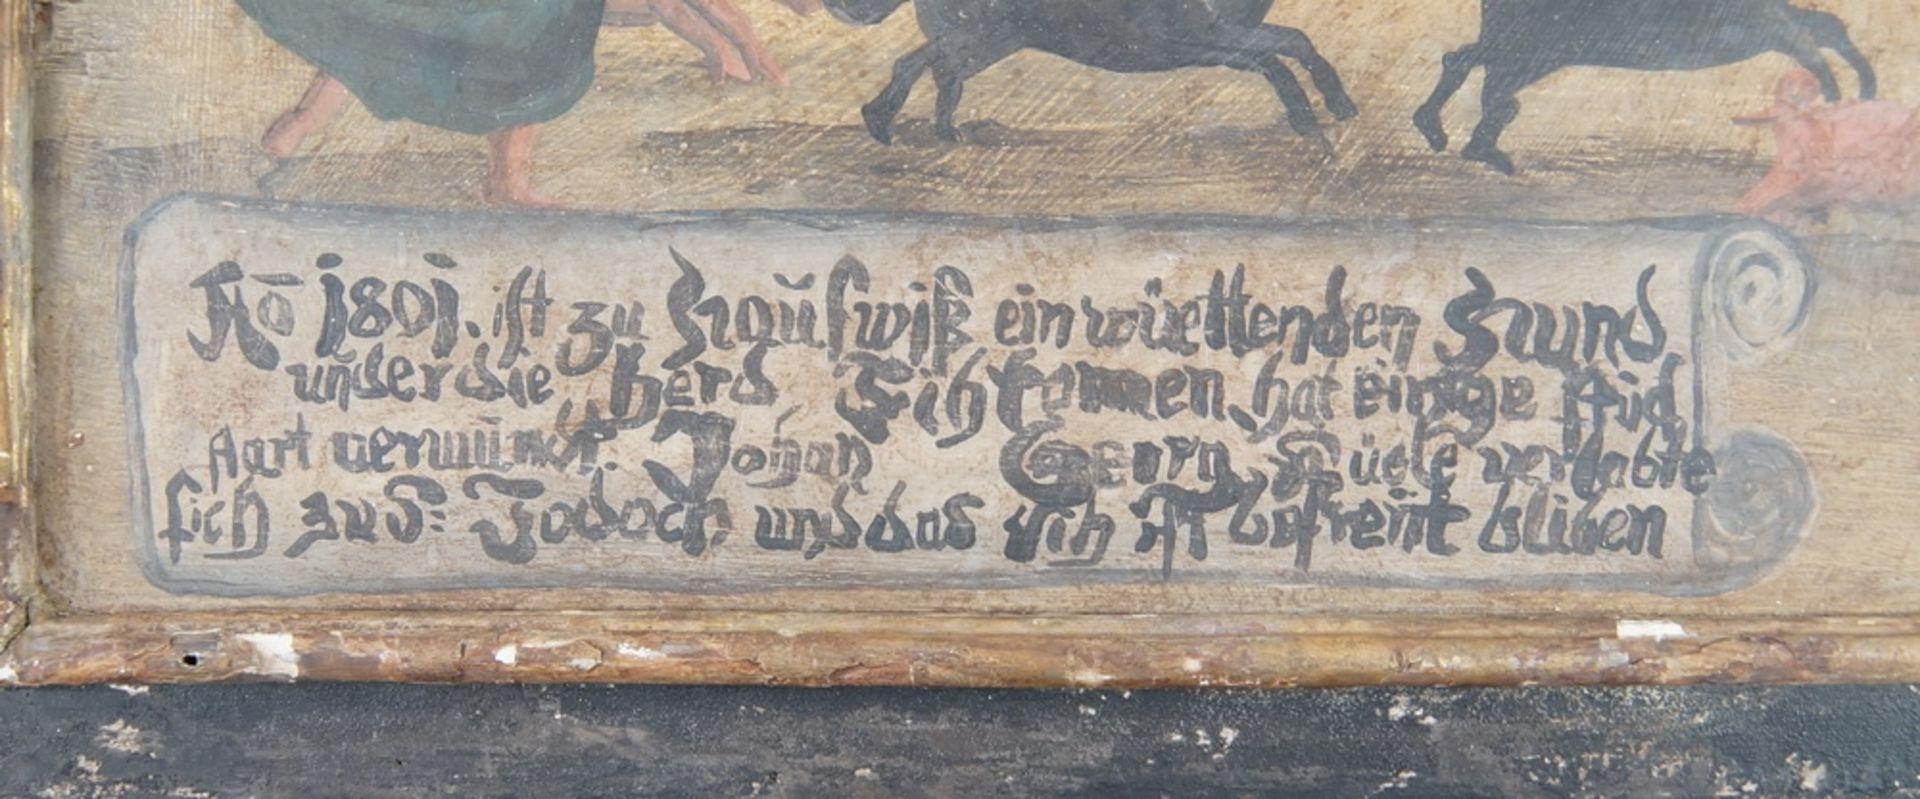 Grosse Votivtafel, Holz bemalt, datiert 1801 mit Sinnspruch, 45,5x58cm - Bild 3 aus 5